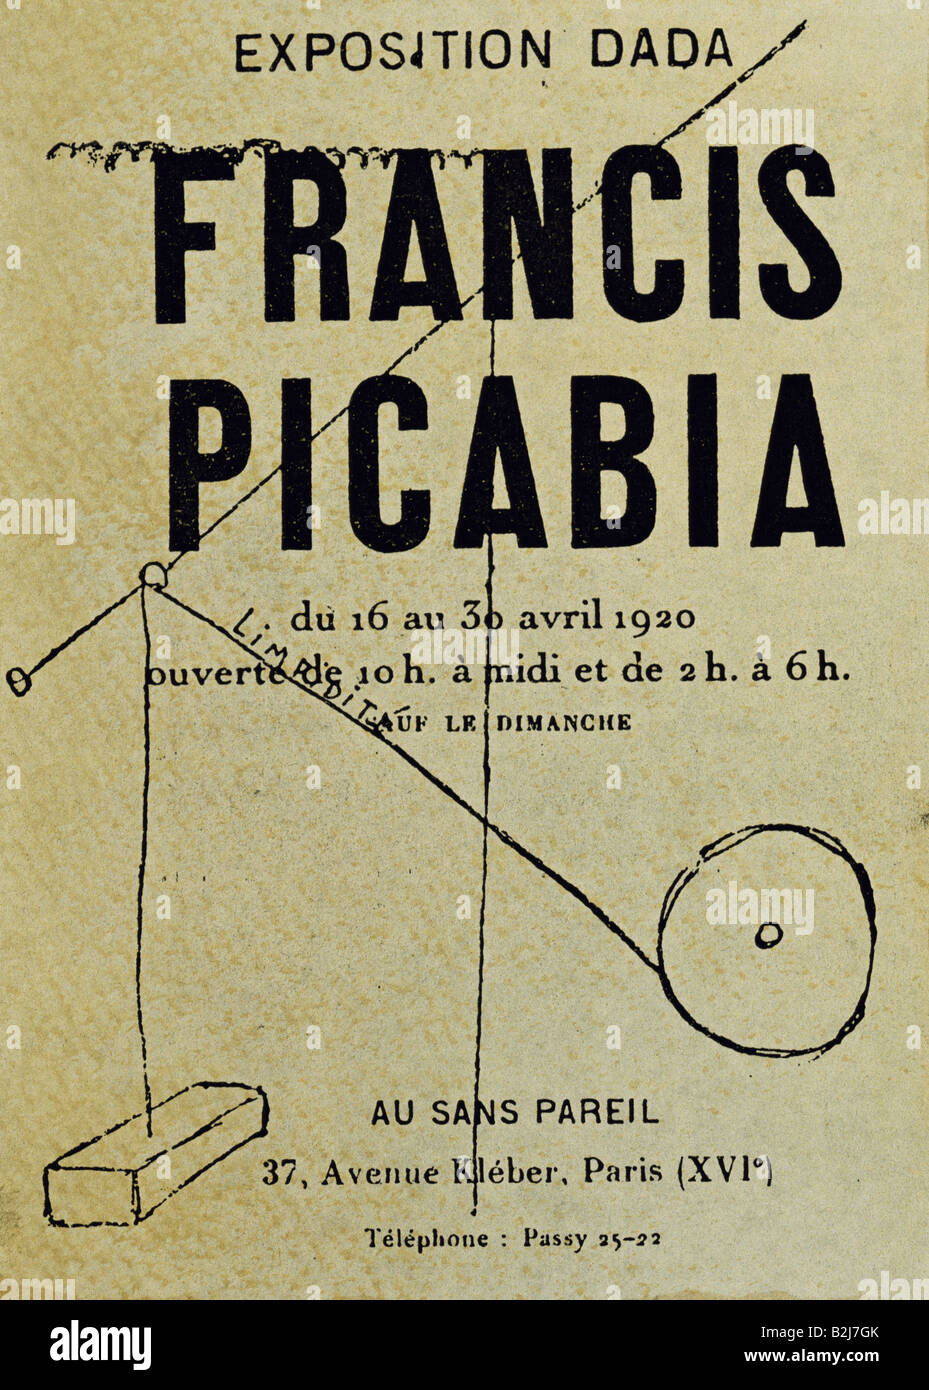 """Picabia, Francis, 22.1.1879 - 30.11.1953, peintre Français, les œuvres, l'exposition """"dada"""", Photo Stock"""